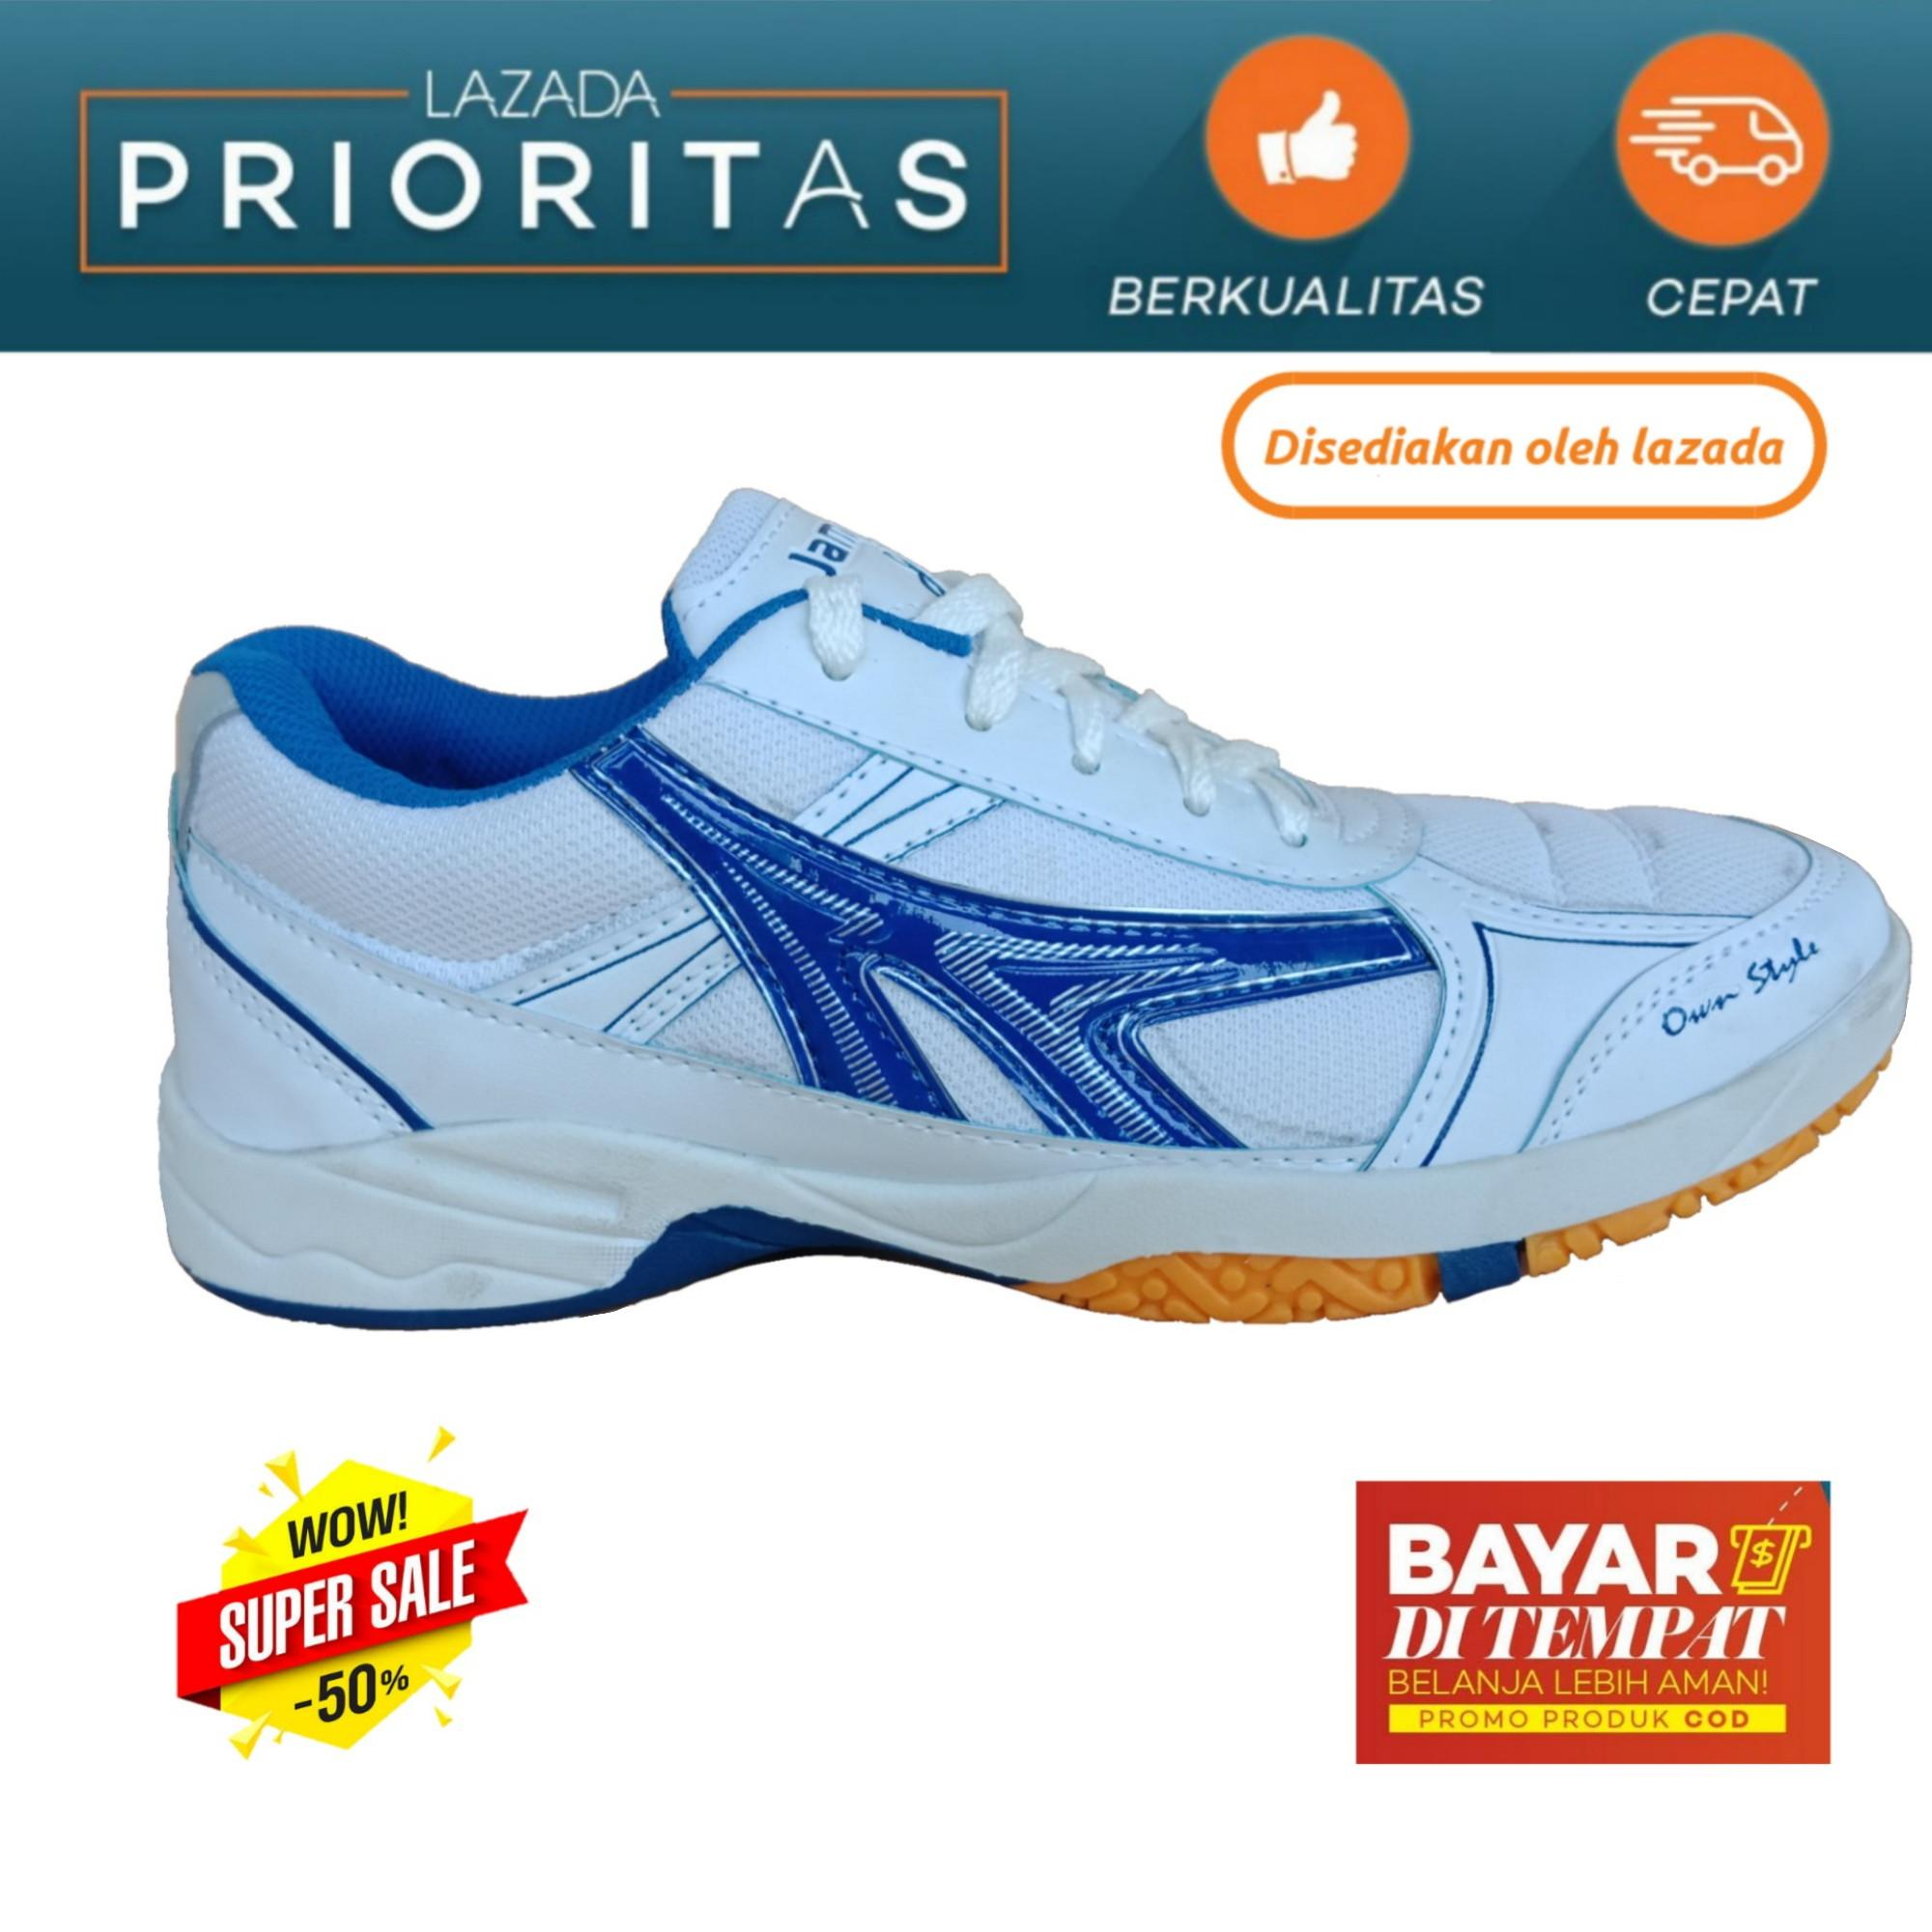 LUTTON JAMPER PUTIH MERAH DAN PUTIH BIRU Sepatu olahraga pria dan Wanita - Sepatu Olahraga Badminton 55d63d6668